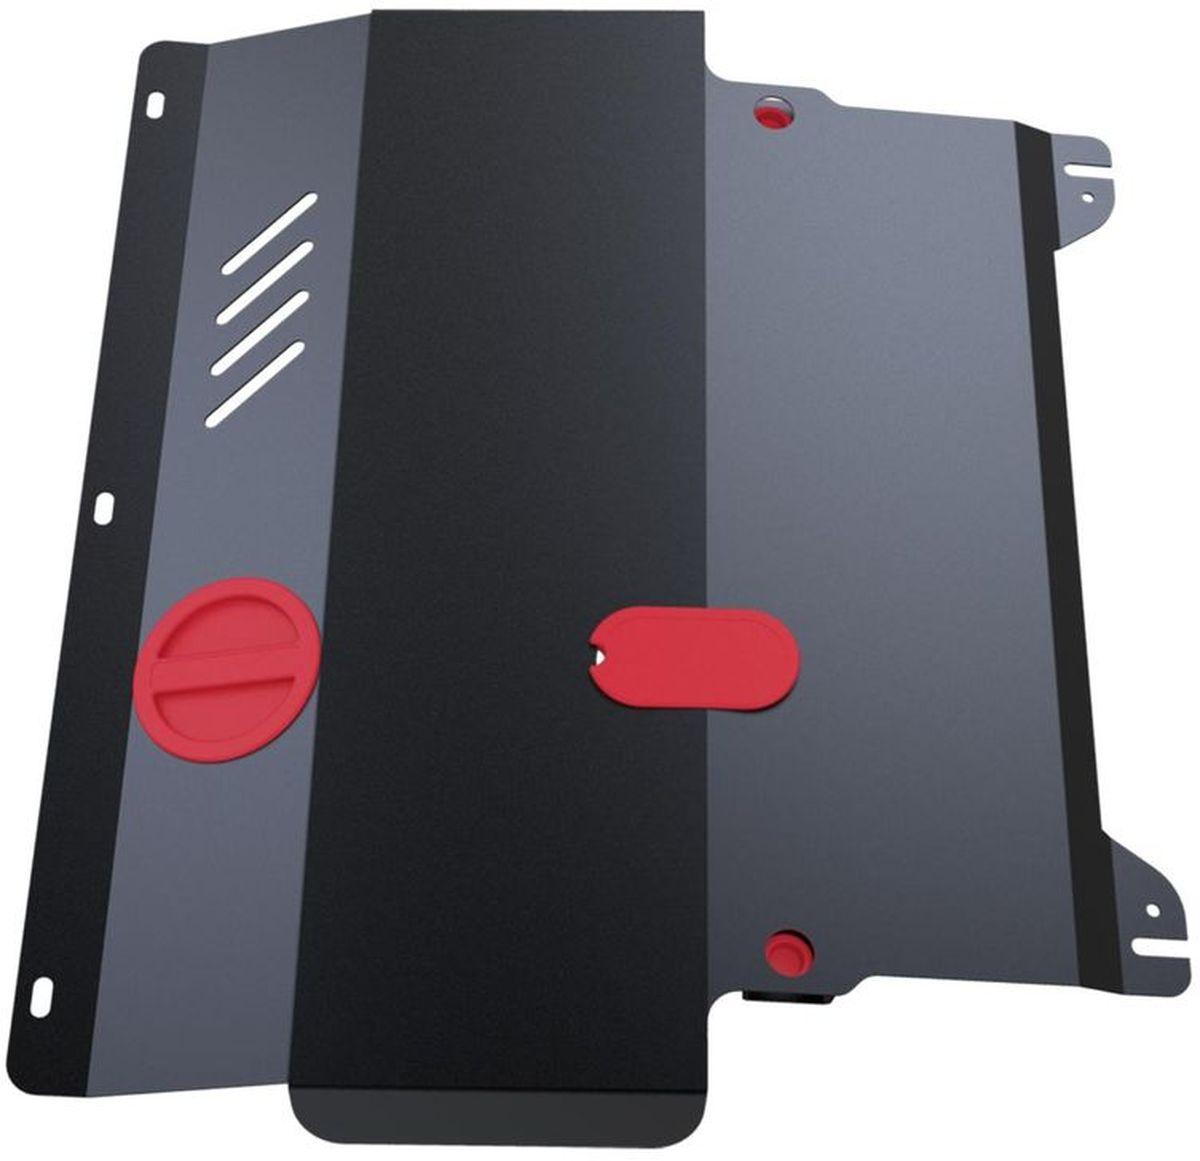 Защита картера Автоброня, для Nissan Teana V - 3,5 (2003-2008)111.04133.1Технологически совершенный продукт за невысокую стоимость. Защита разработана с учетом особенностей днища автомобиля, что позволяет сохранить дорожный просвет с минимальным изменением. Защита устанавливается в штатные места кузова автомобиля. Глубокий штамп обеспечивает до двух раз больше жесткости в сравнении с обычной защитой той же толщины. Проштампованные ребра жесткости препятствуют деформации защиты при ударах. Тепловой зазор и вентиляционные отверстия обеспечивают сохранение температурного режима двигателя в норме. Скрытый крепеж предотвращает срыв крепежных элементов при наезде на препятствие. Шумопоглощающие резиновые элементы обеспечивают комфортную езду без вибраций и скрежета металла, а съемные лючки для слива масла и замены фильтра - экономию средств и время. Конструкция изделия не влияет на пассивную безопасность автомобиля (при ударе защита не воздействует на деформационные зоны кузова). Со штатным крепежом. В комплекте инструкция по установке....